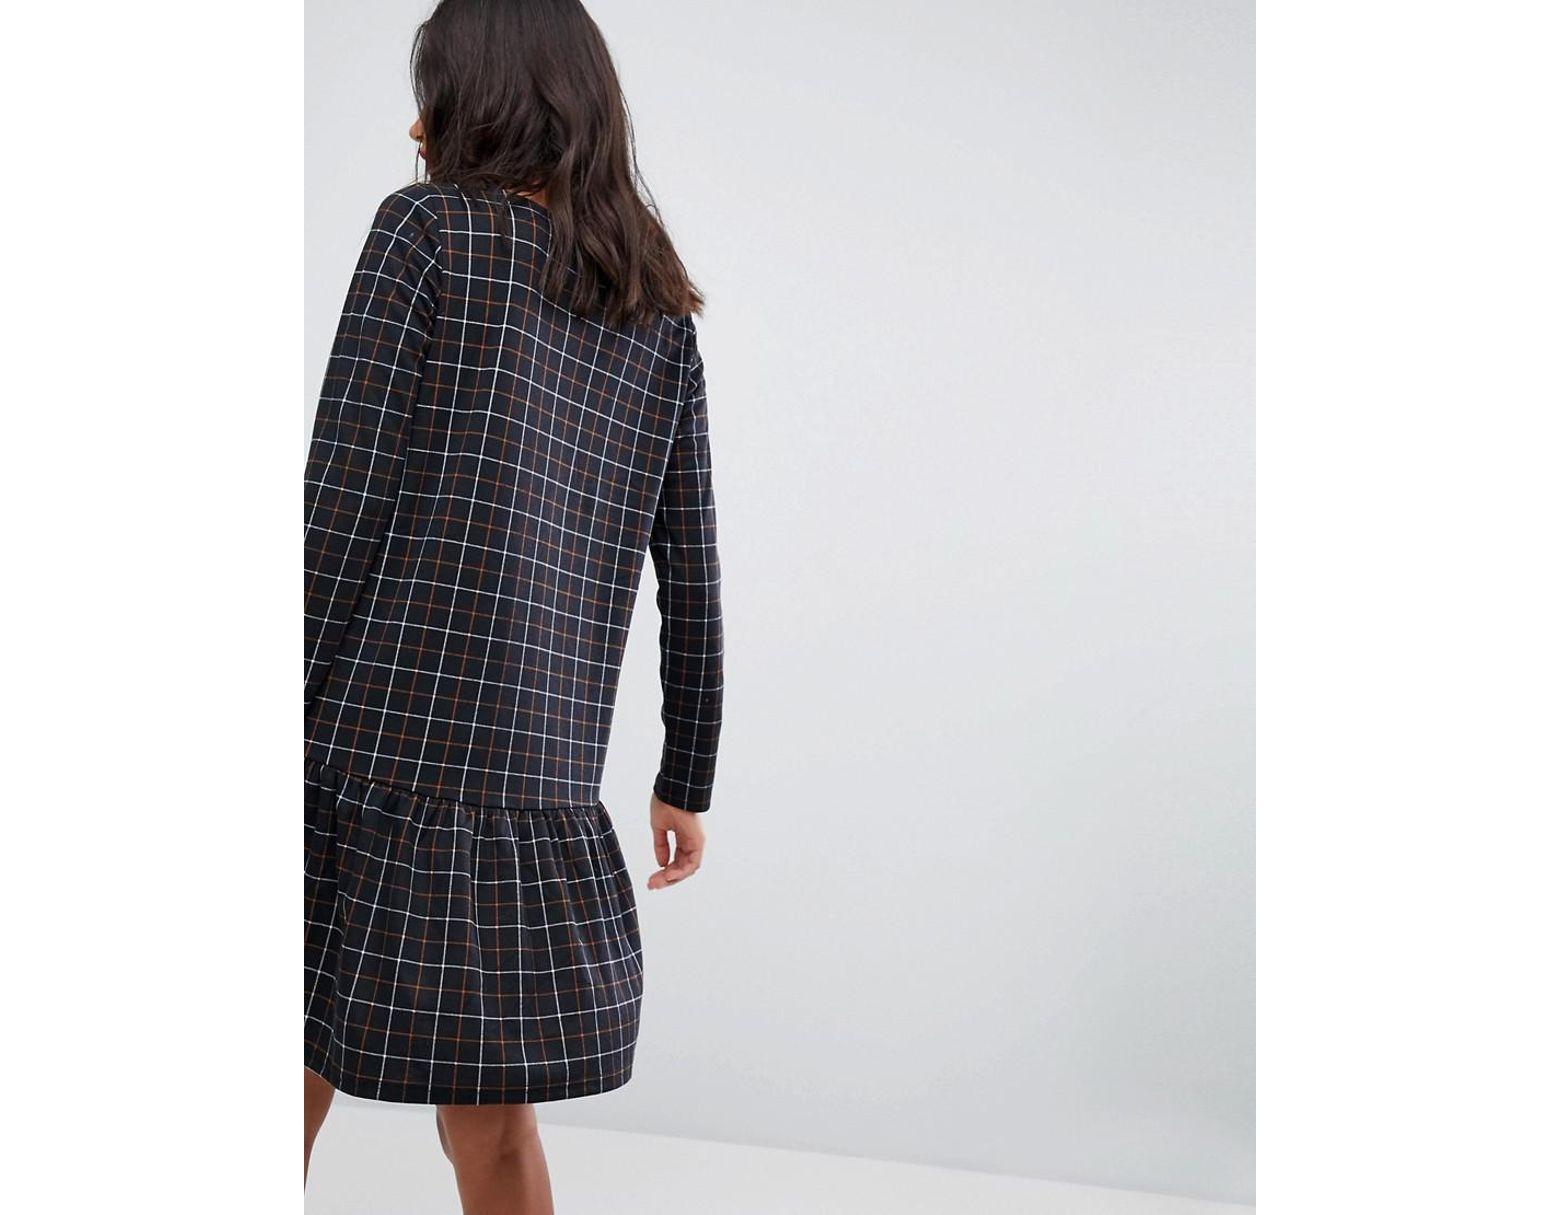 6cc0a8f6f Vero Moda Check Print Frill Hem Mini Dress - Lyst